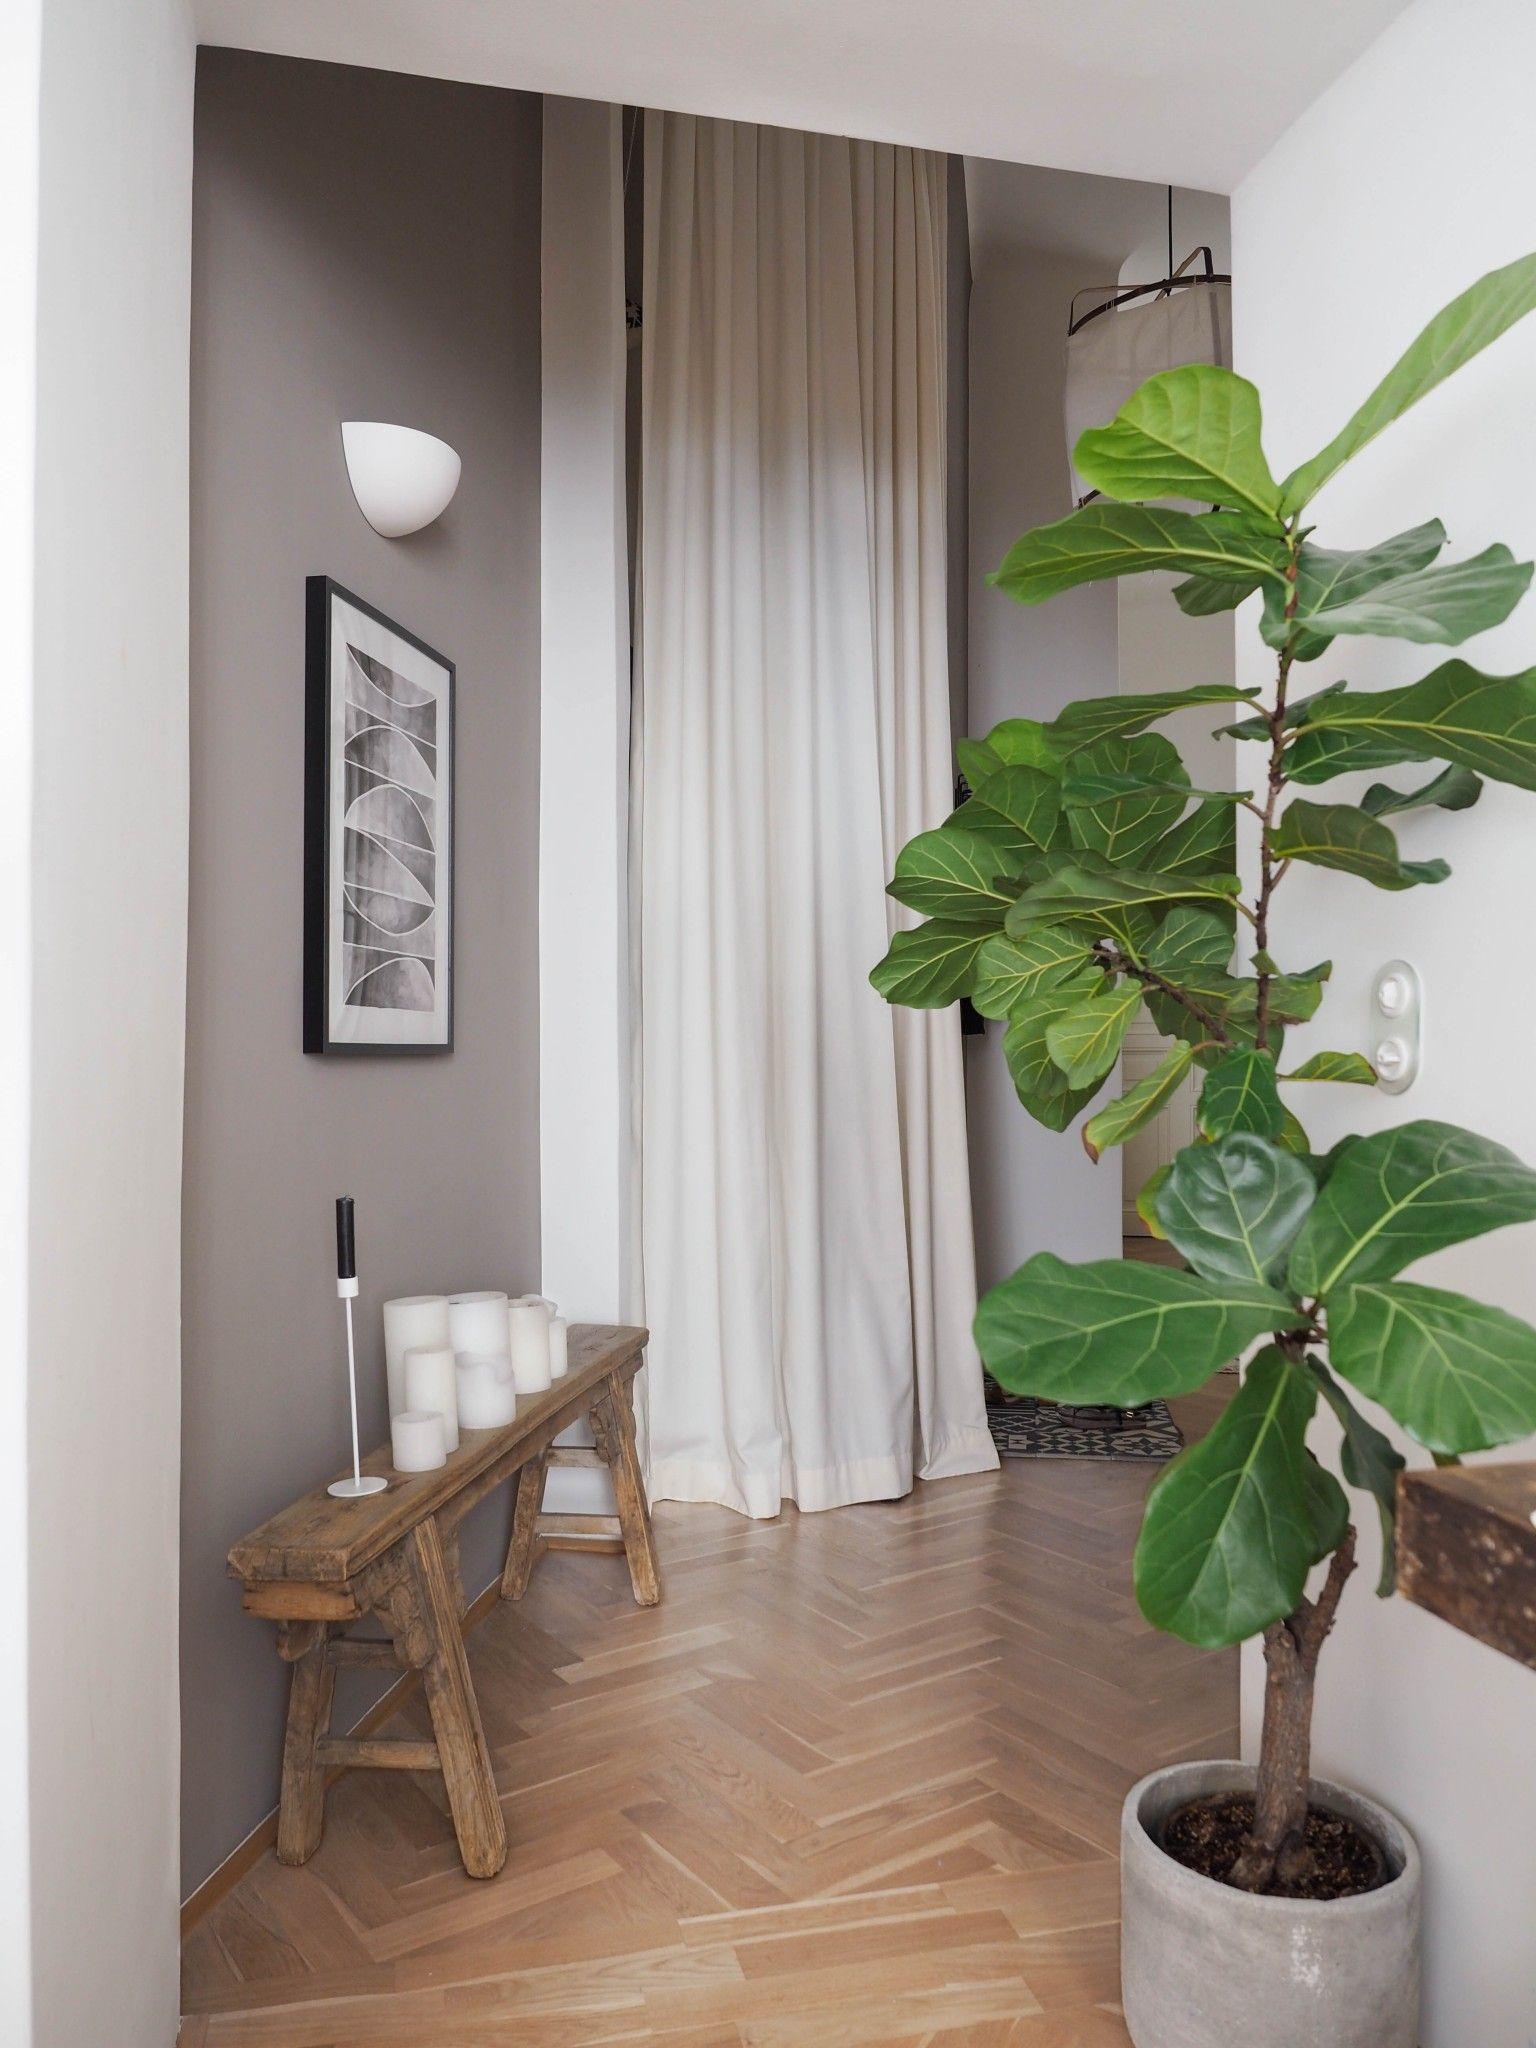 Schoner Wohnen Farbkollektion Architects Finest Farbton Chelsea Walk Schoner Wohnen Farbe Schoner Wohnen Wandfarbe Schoner Wohnen